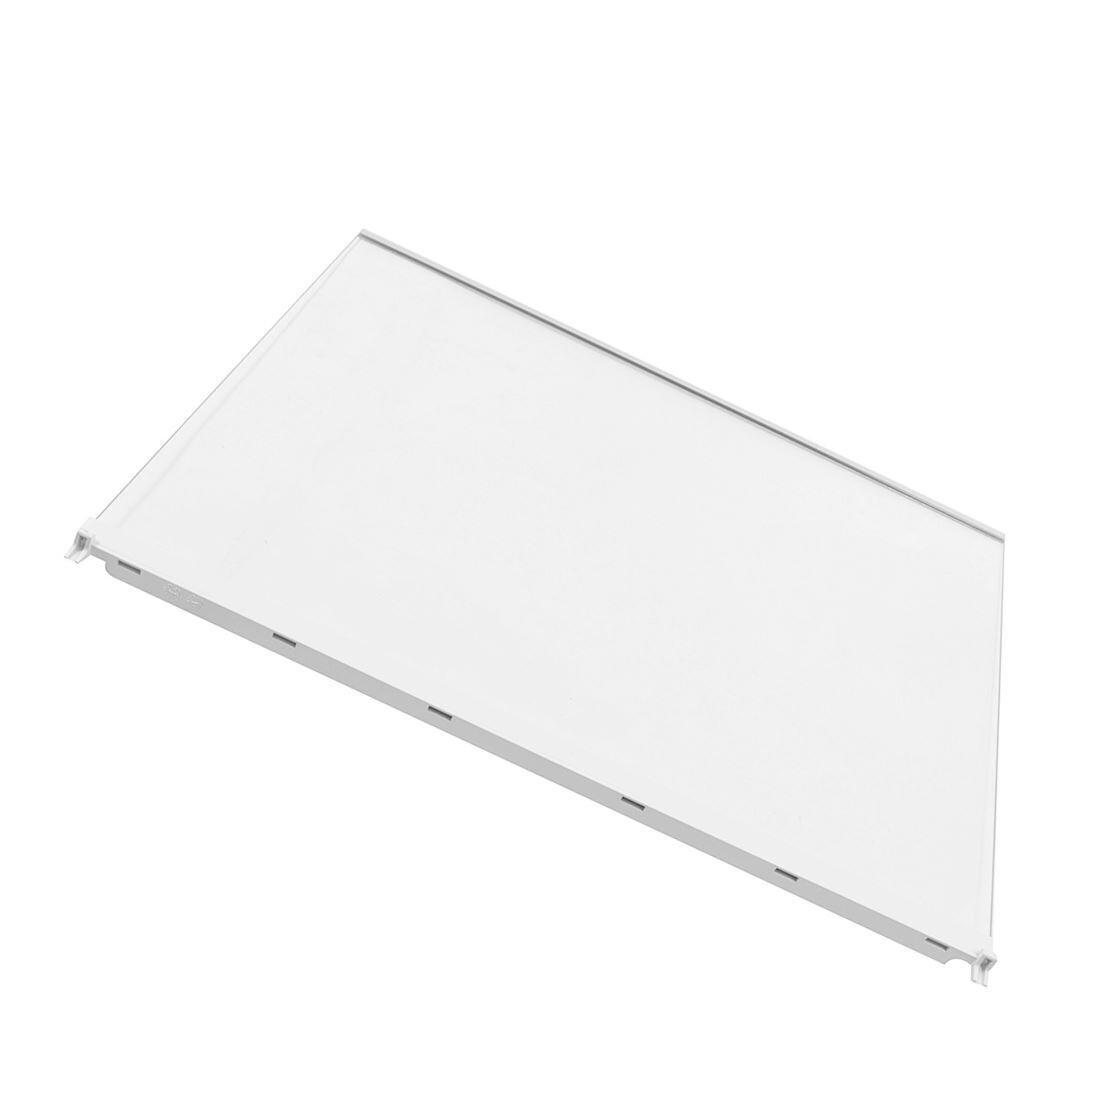 Hotpoint Quadrio Replacement Fridge Shelf part no. C00292447